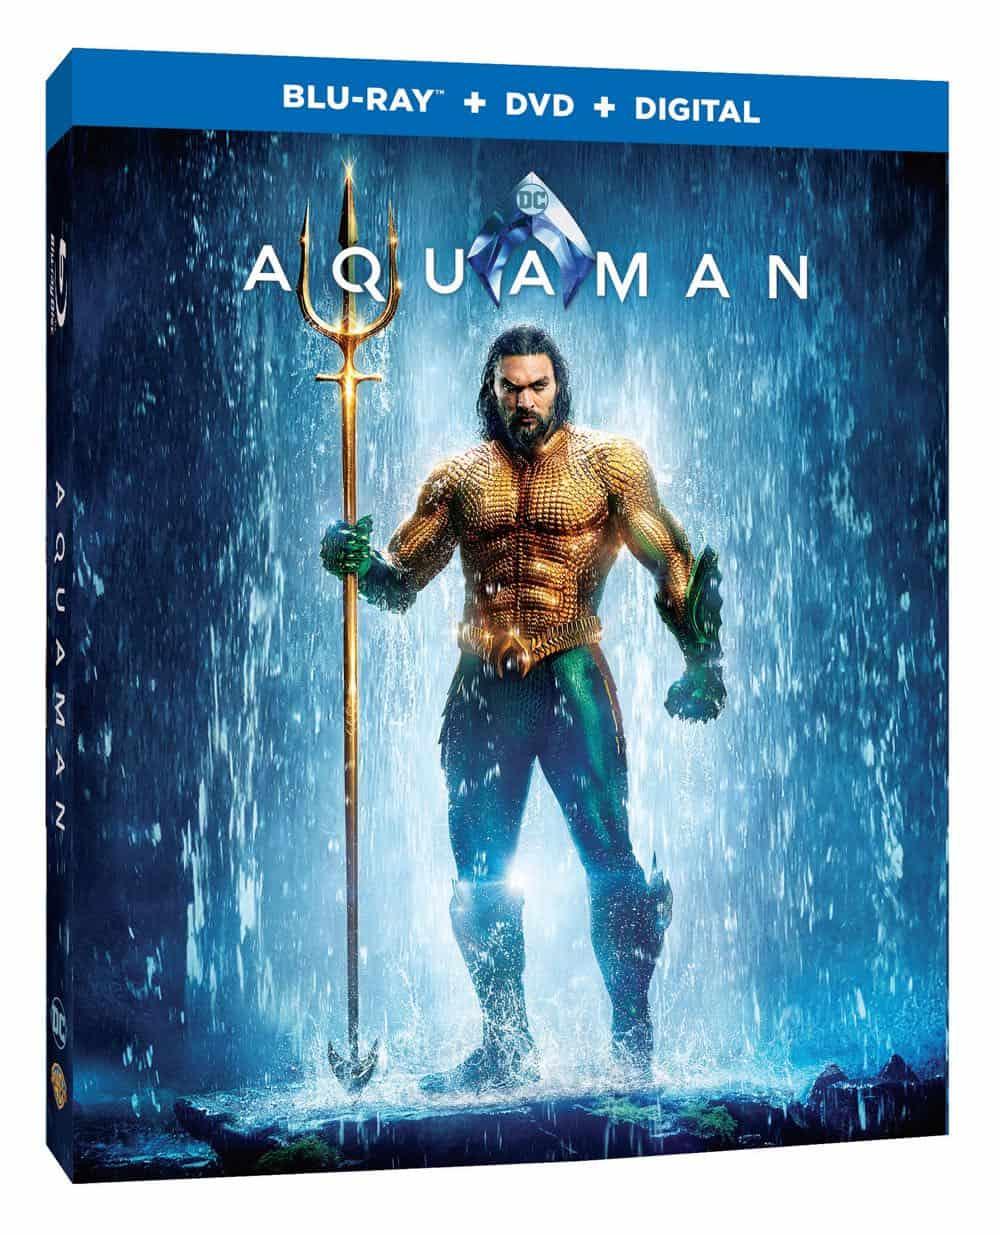 Aquaman Bluray DVD Digital 2